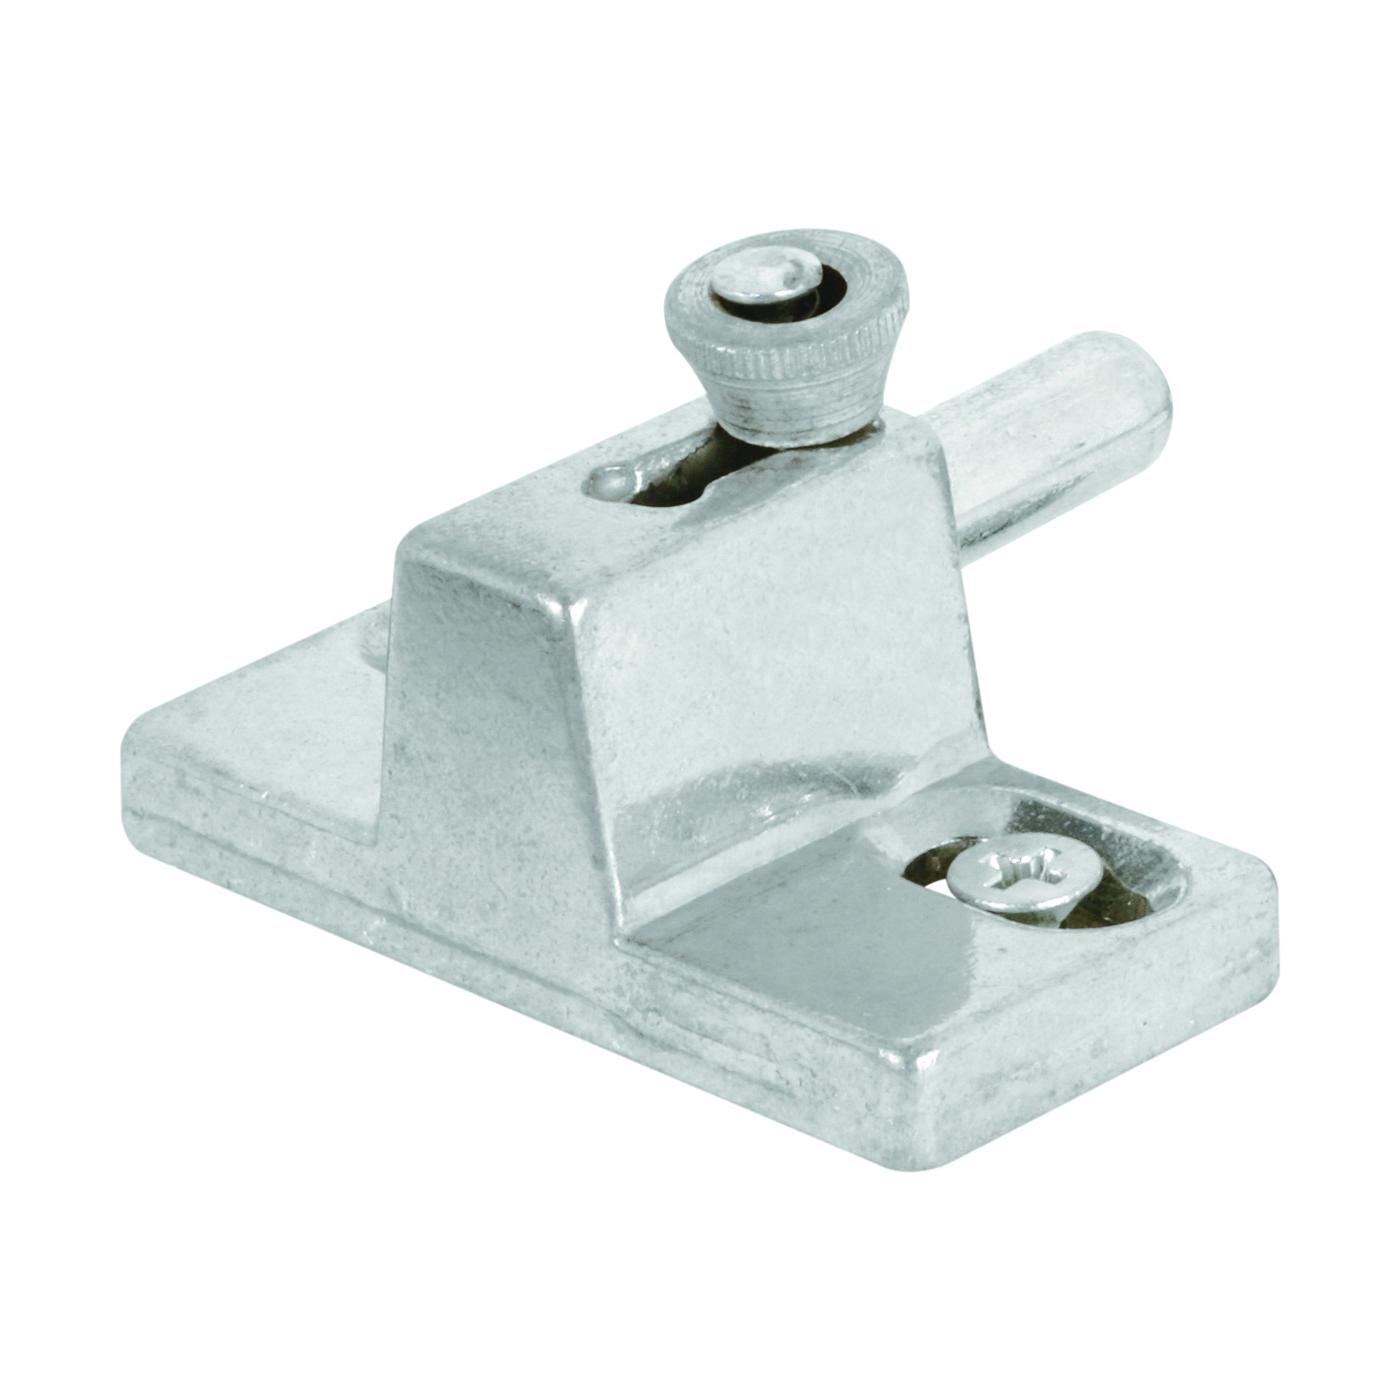 Picture of Prime-Line U 9866 Door Slide Bolt Lock, Aluminum, Aluminum, 1-3/8 to 1-3/4 in Thick Door